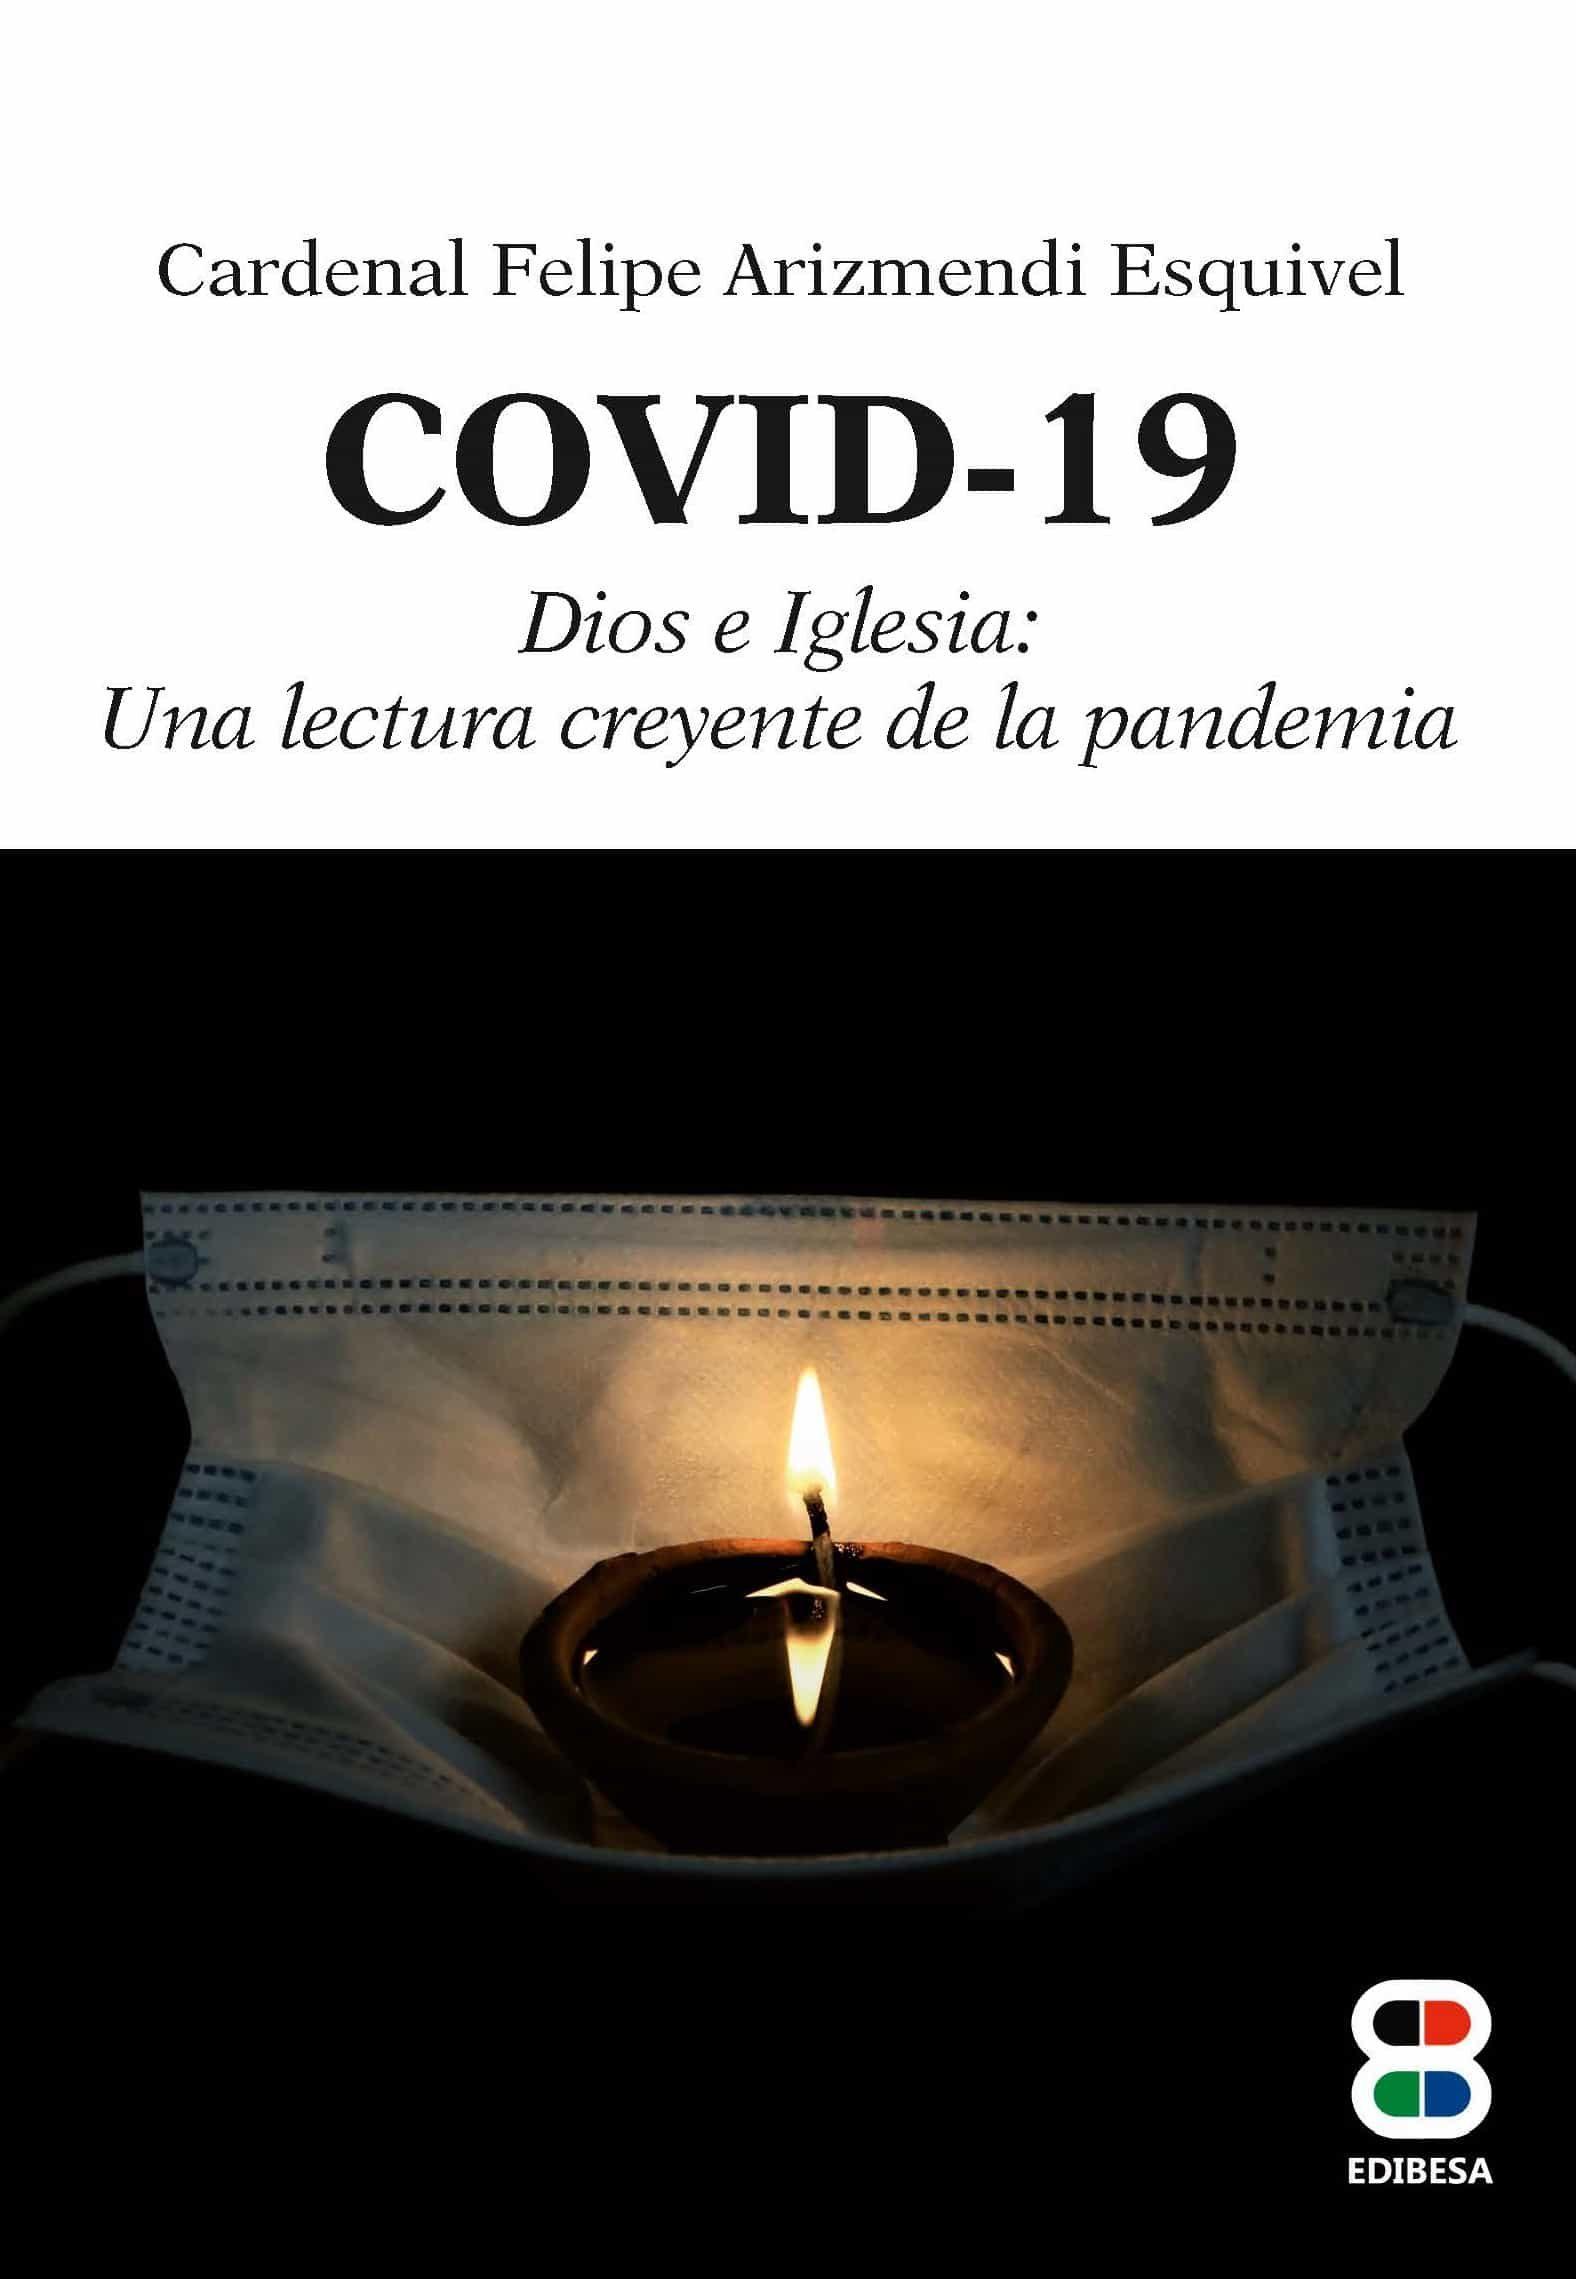 Covid - 19 Dios E Iglesia: Una Lectura Creyente De La Pandemia - Felipe Arizmendi Esquivel